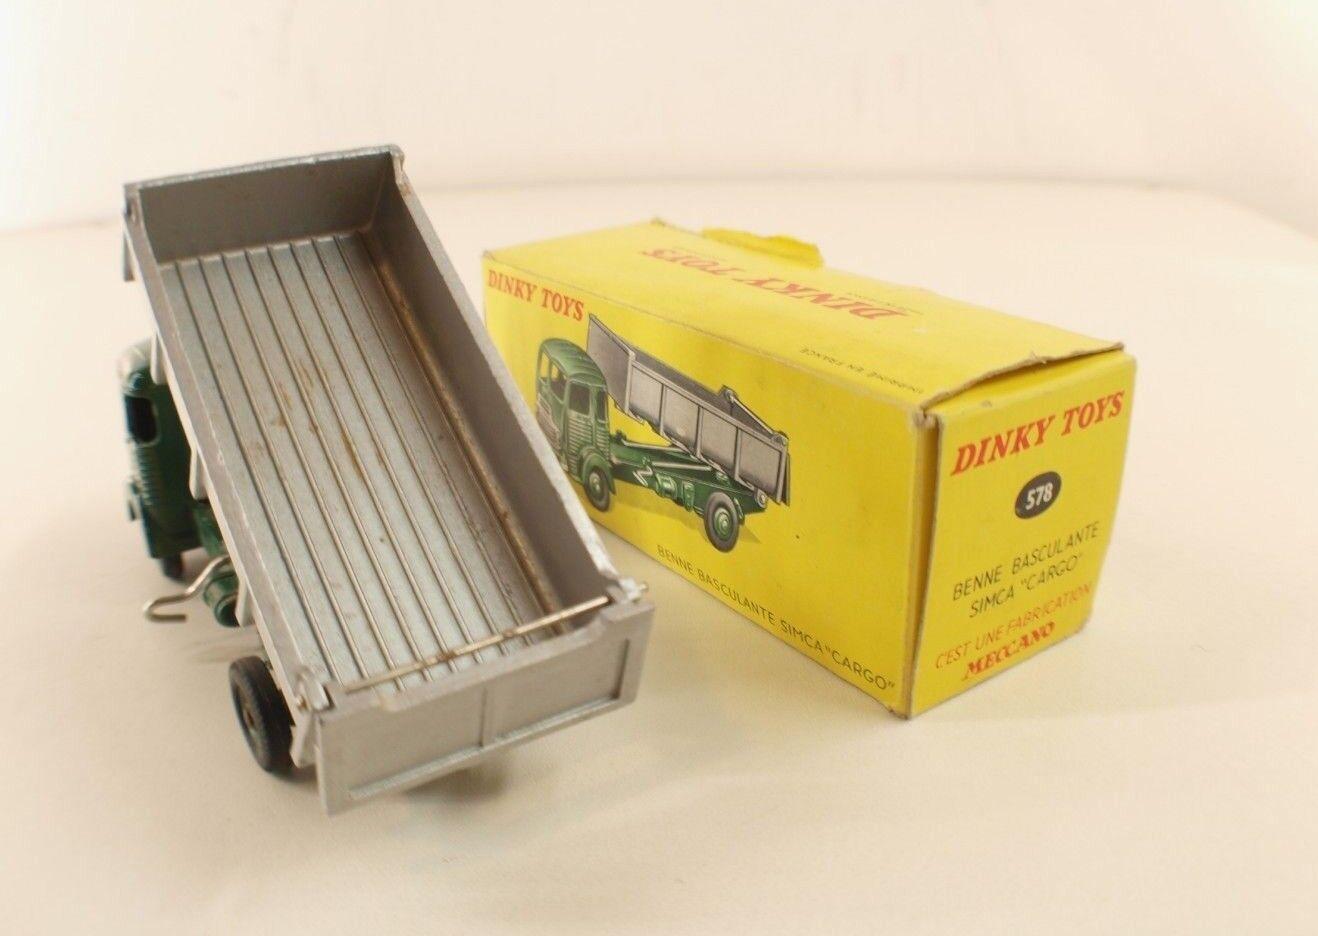 Dinky Dinky Dinky toys F n° 33 B camion Simca cargo benne basculante jamais joué en boite 797d52